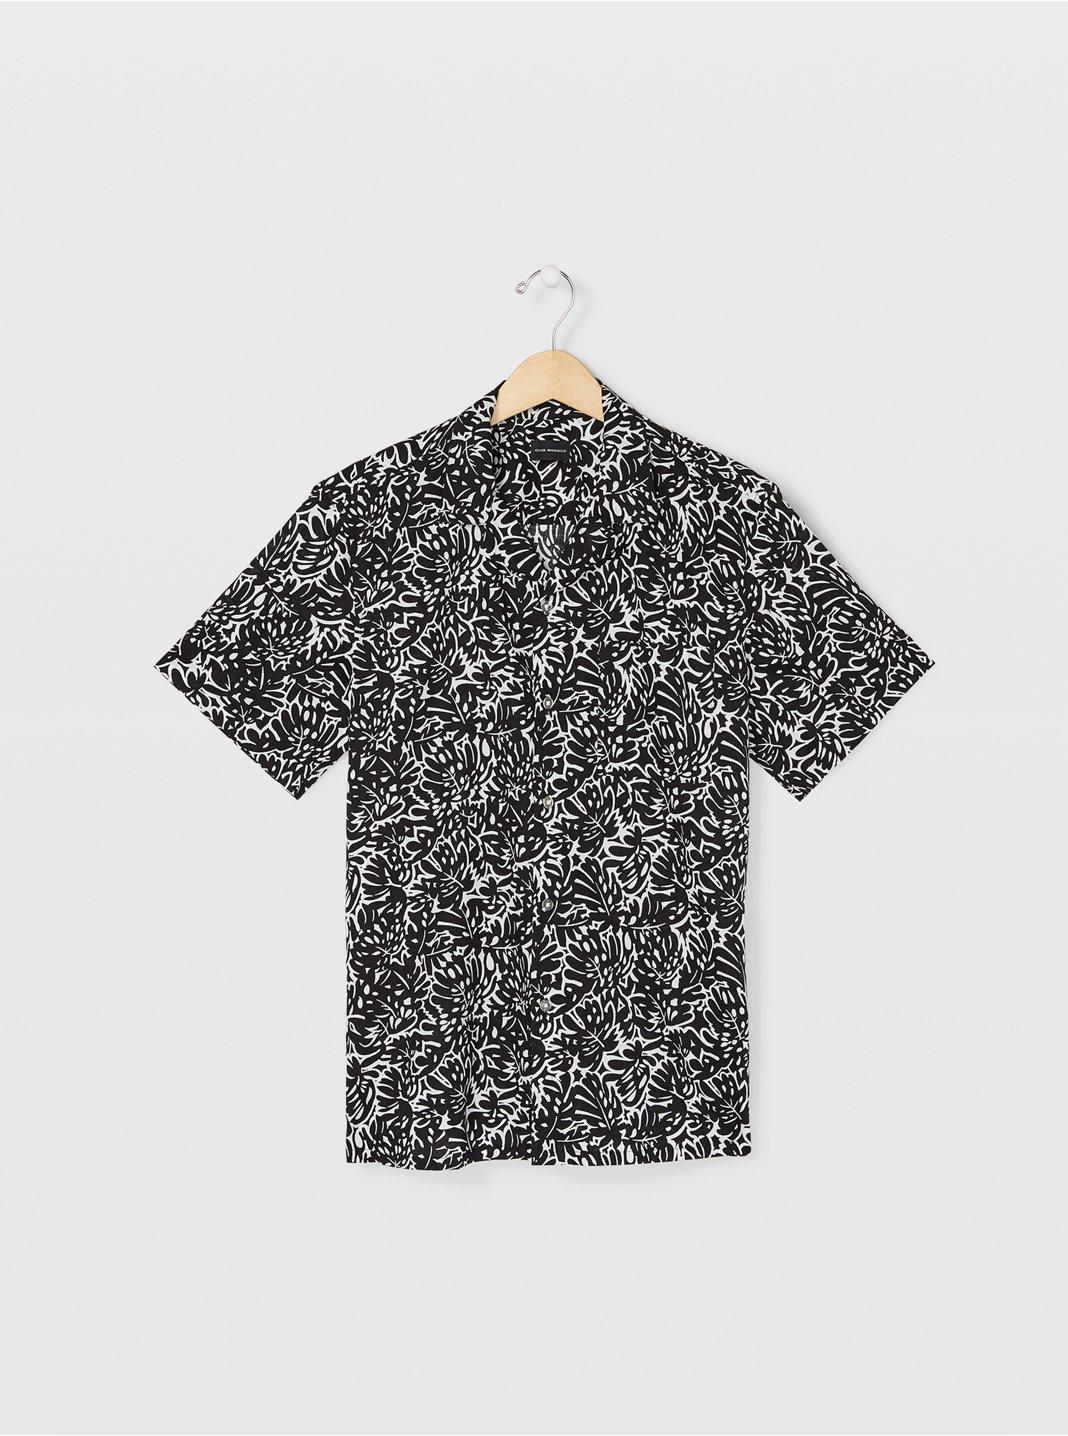 Camp Collar Tropical Shirt